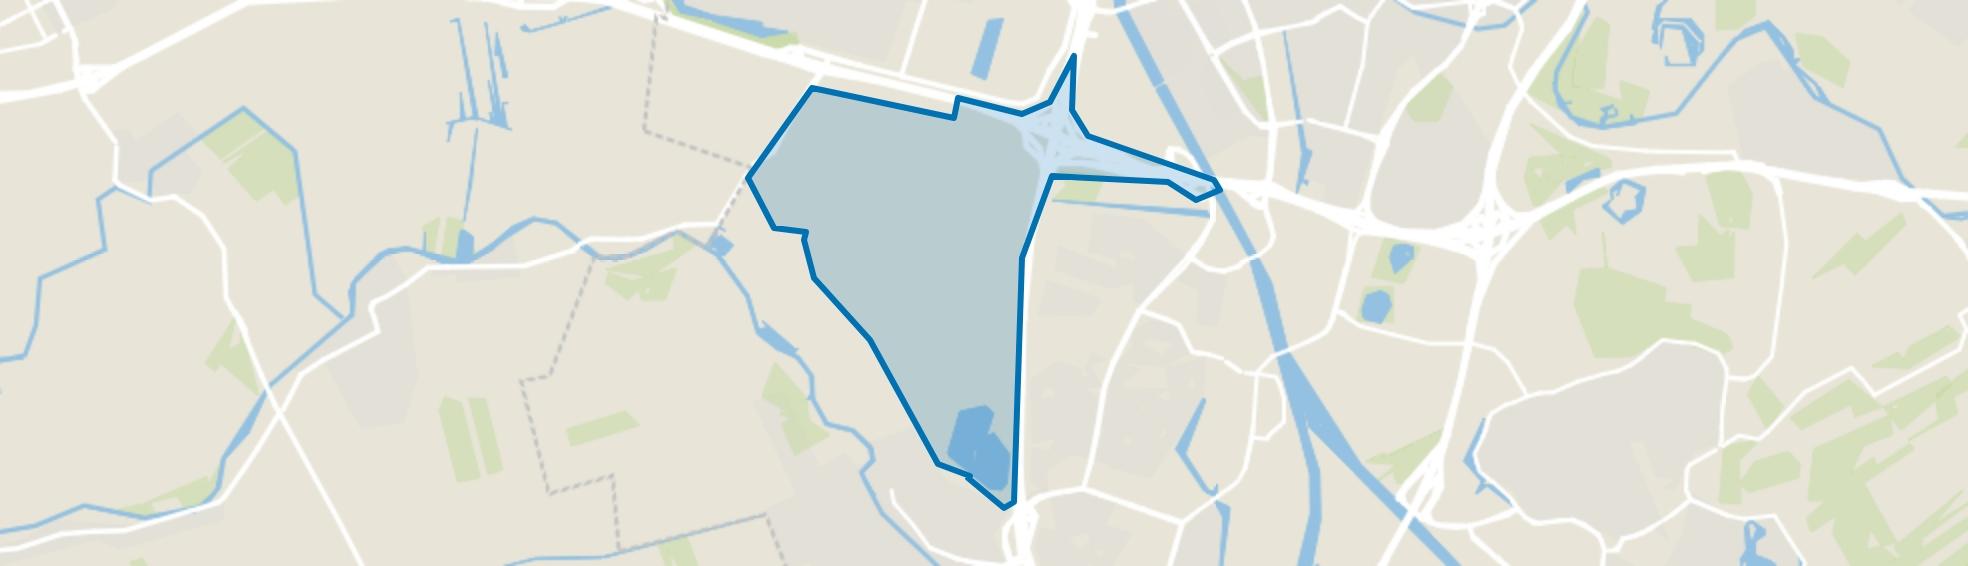 Rijnenburg, Utrecht map